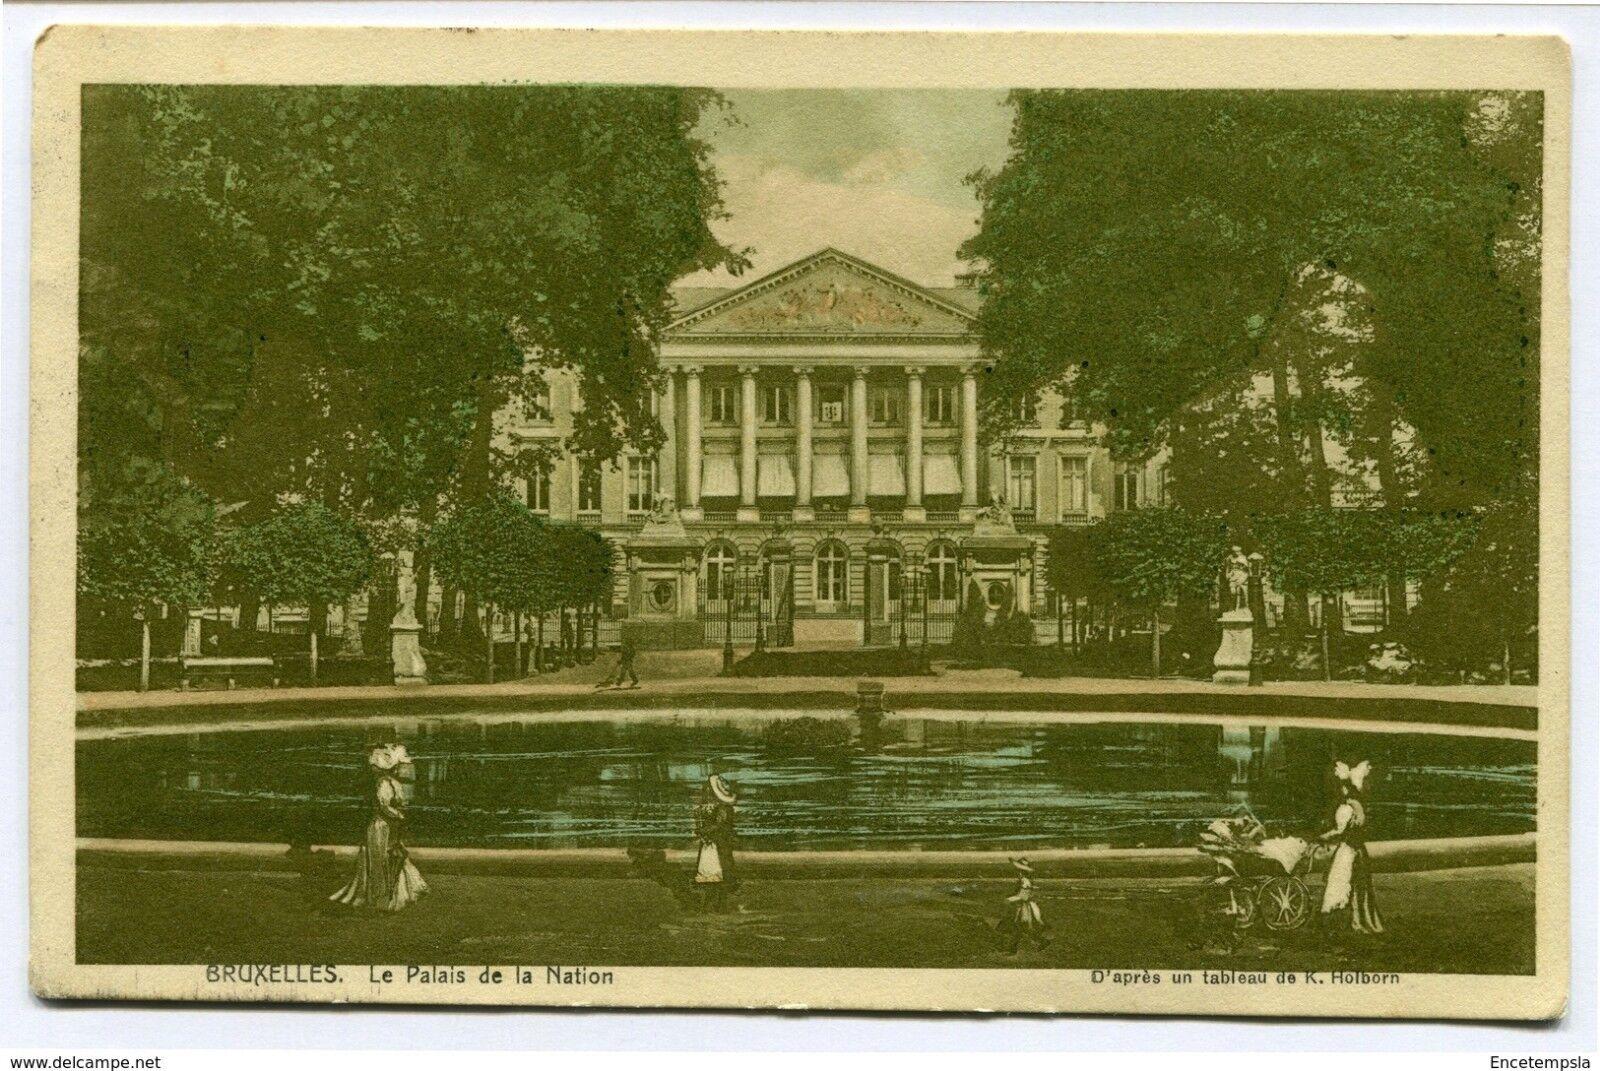 CPA-Carte postale-Belgique-Bruxelles -Le Palais de la Nation - 1913 (CP2144)